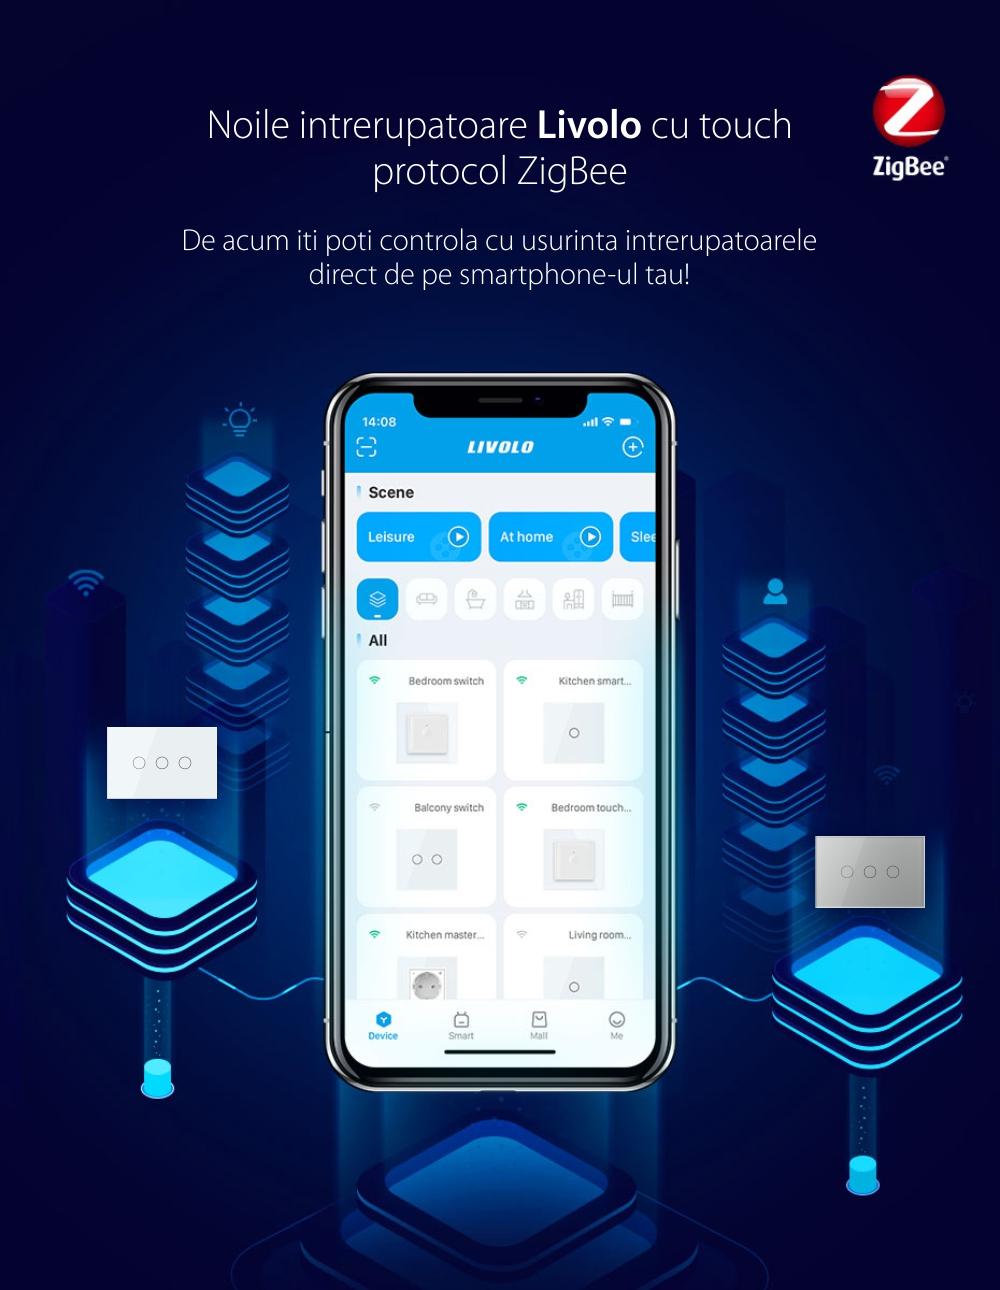 Intrerupator triplu cu touch Livolo din sticla, standard Italian, protocol ZigBee – Serie noua